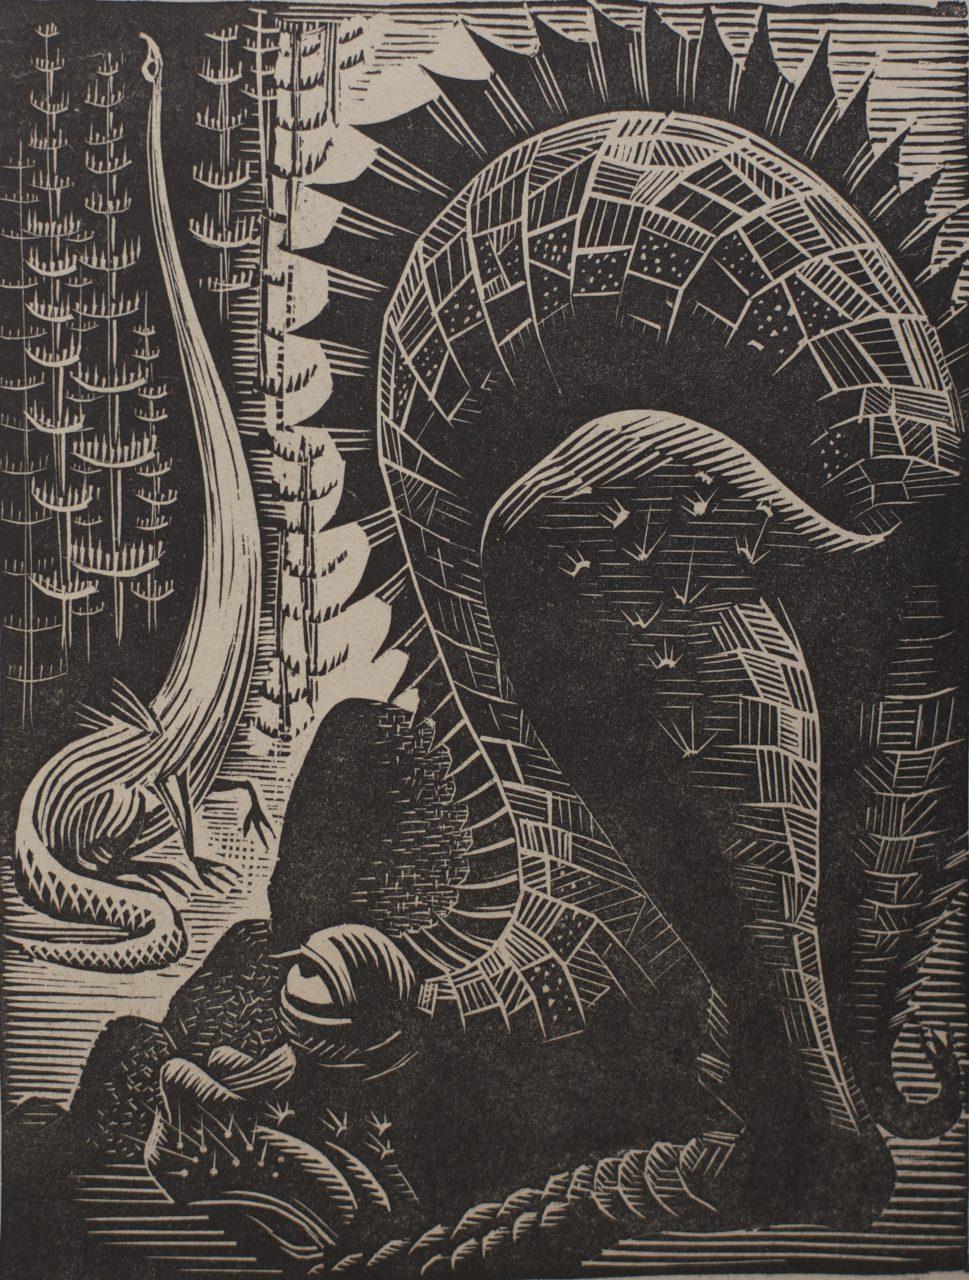 Victor Delhez Abstractoceramabile en representodonte